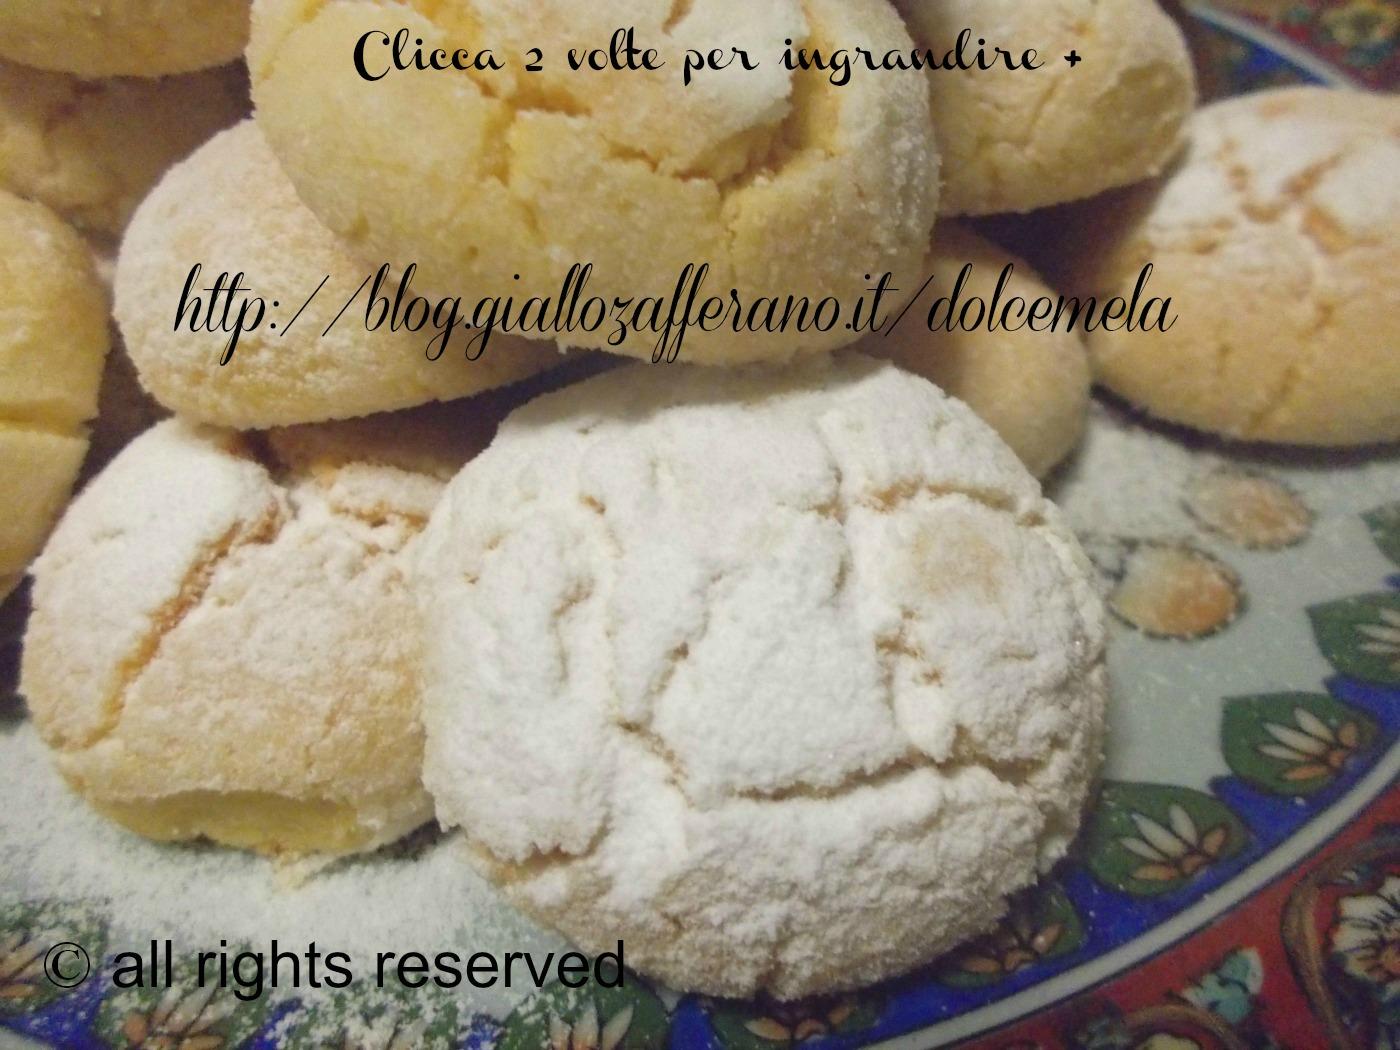 biscotti di semola - ricetta rivisitata al profumo di limone